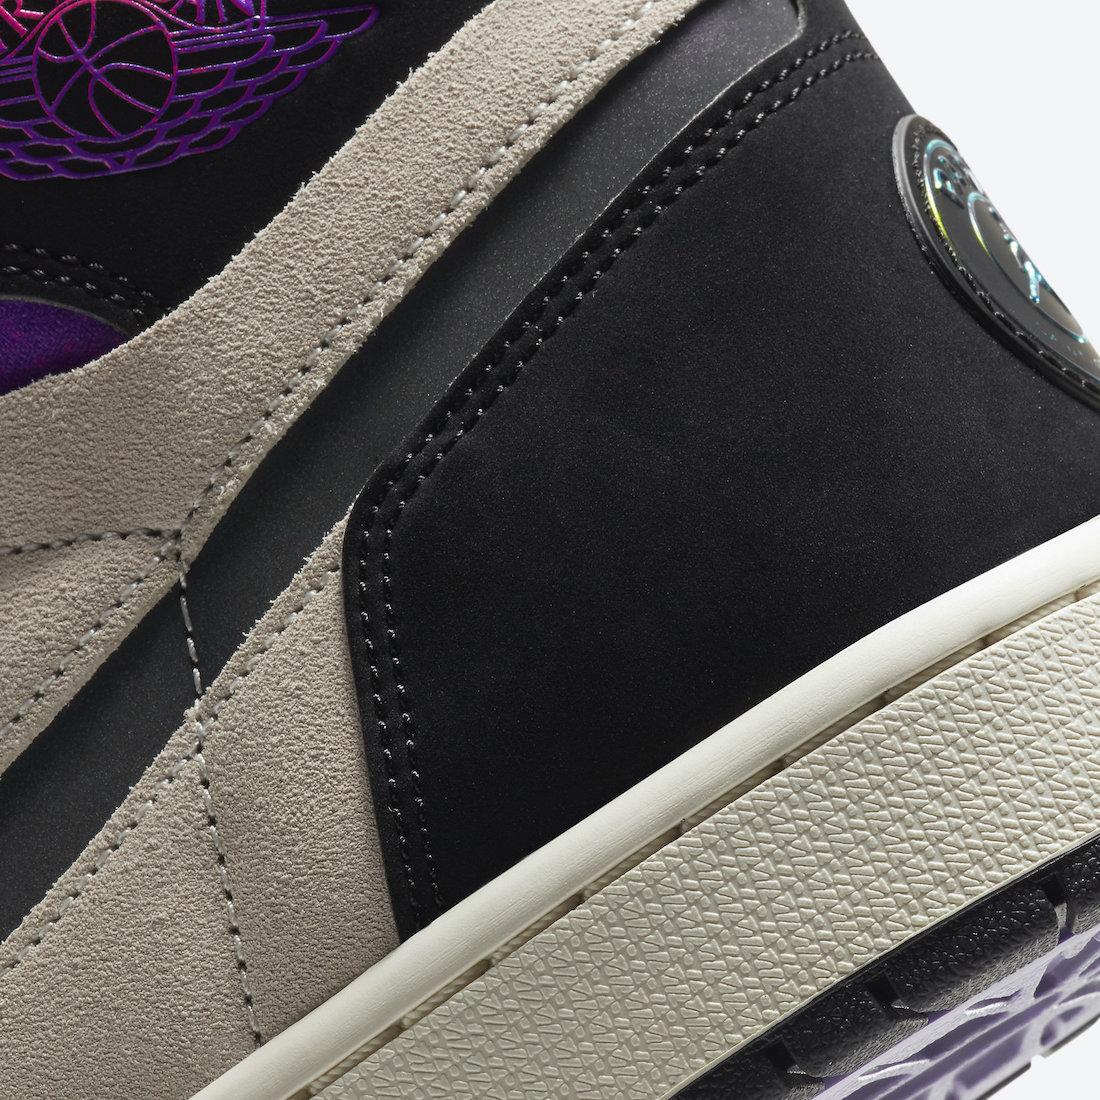 Air-Jordan-1-Zoom-Comfort-PSG-DB3610-105-Release-Date-7